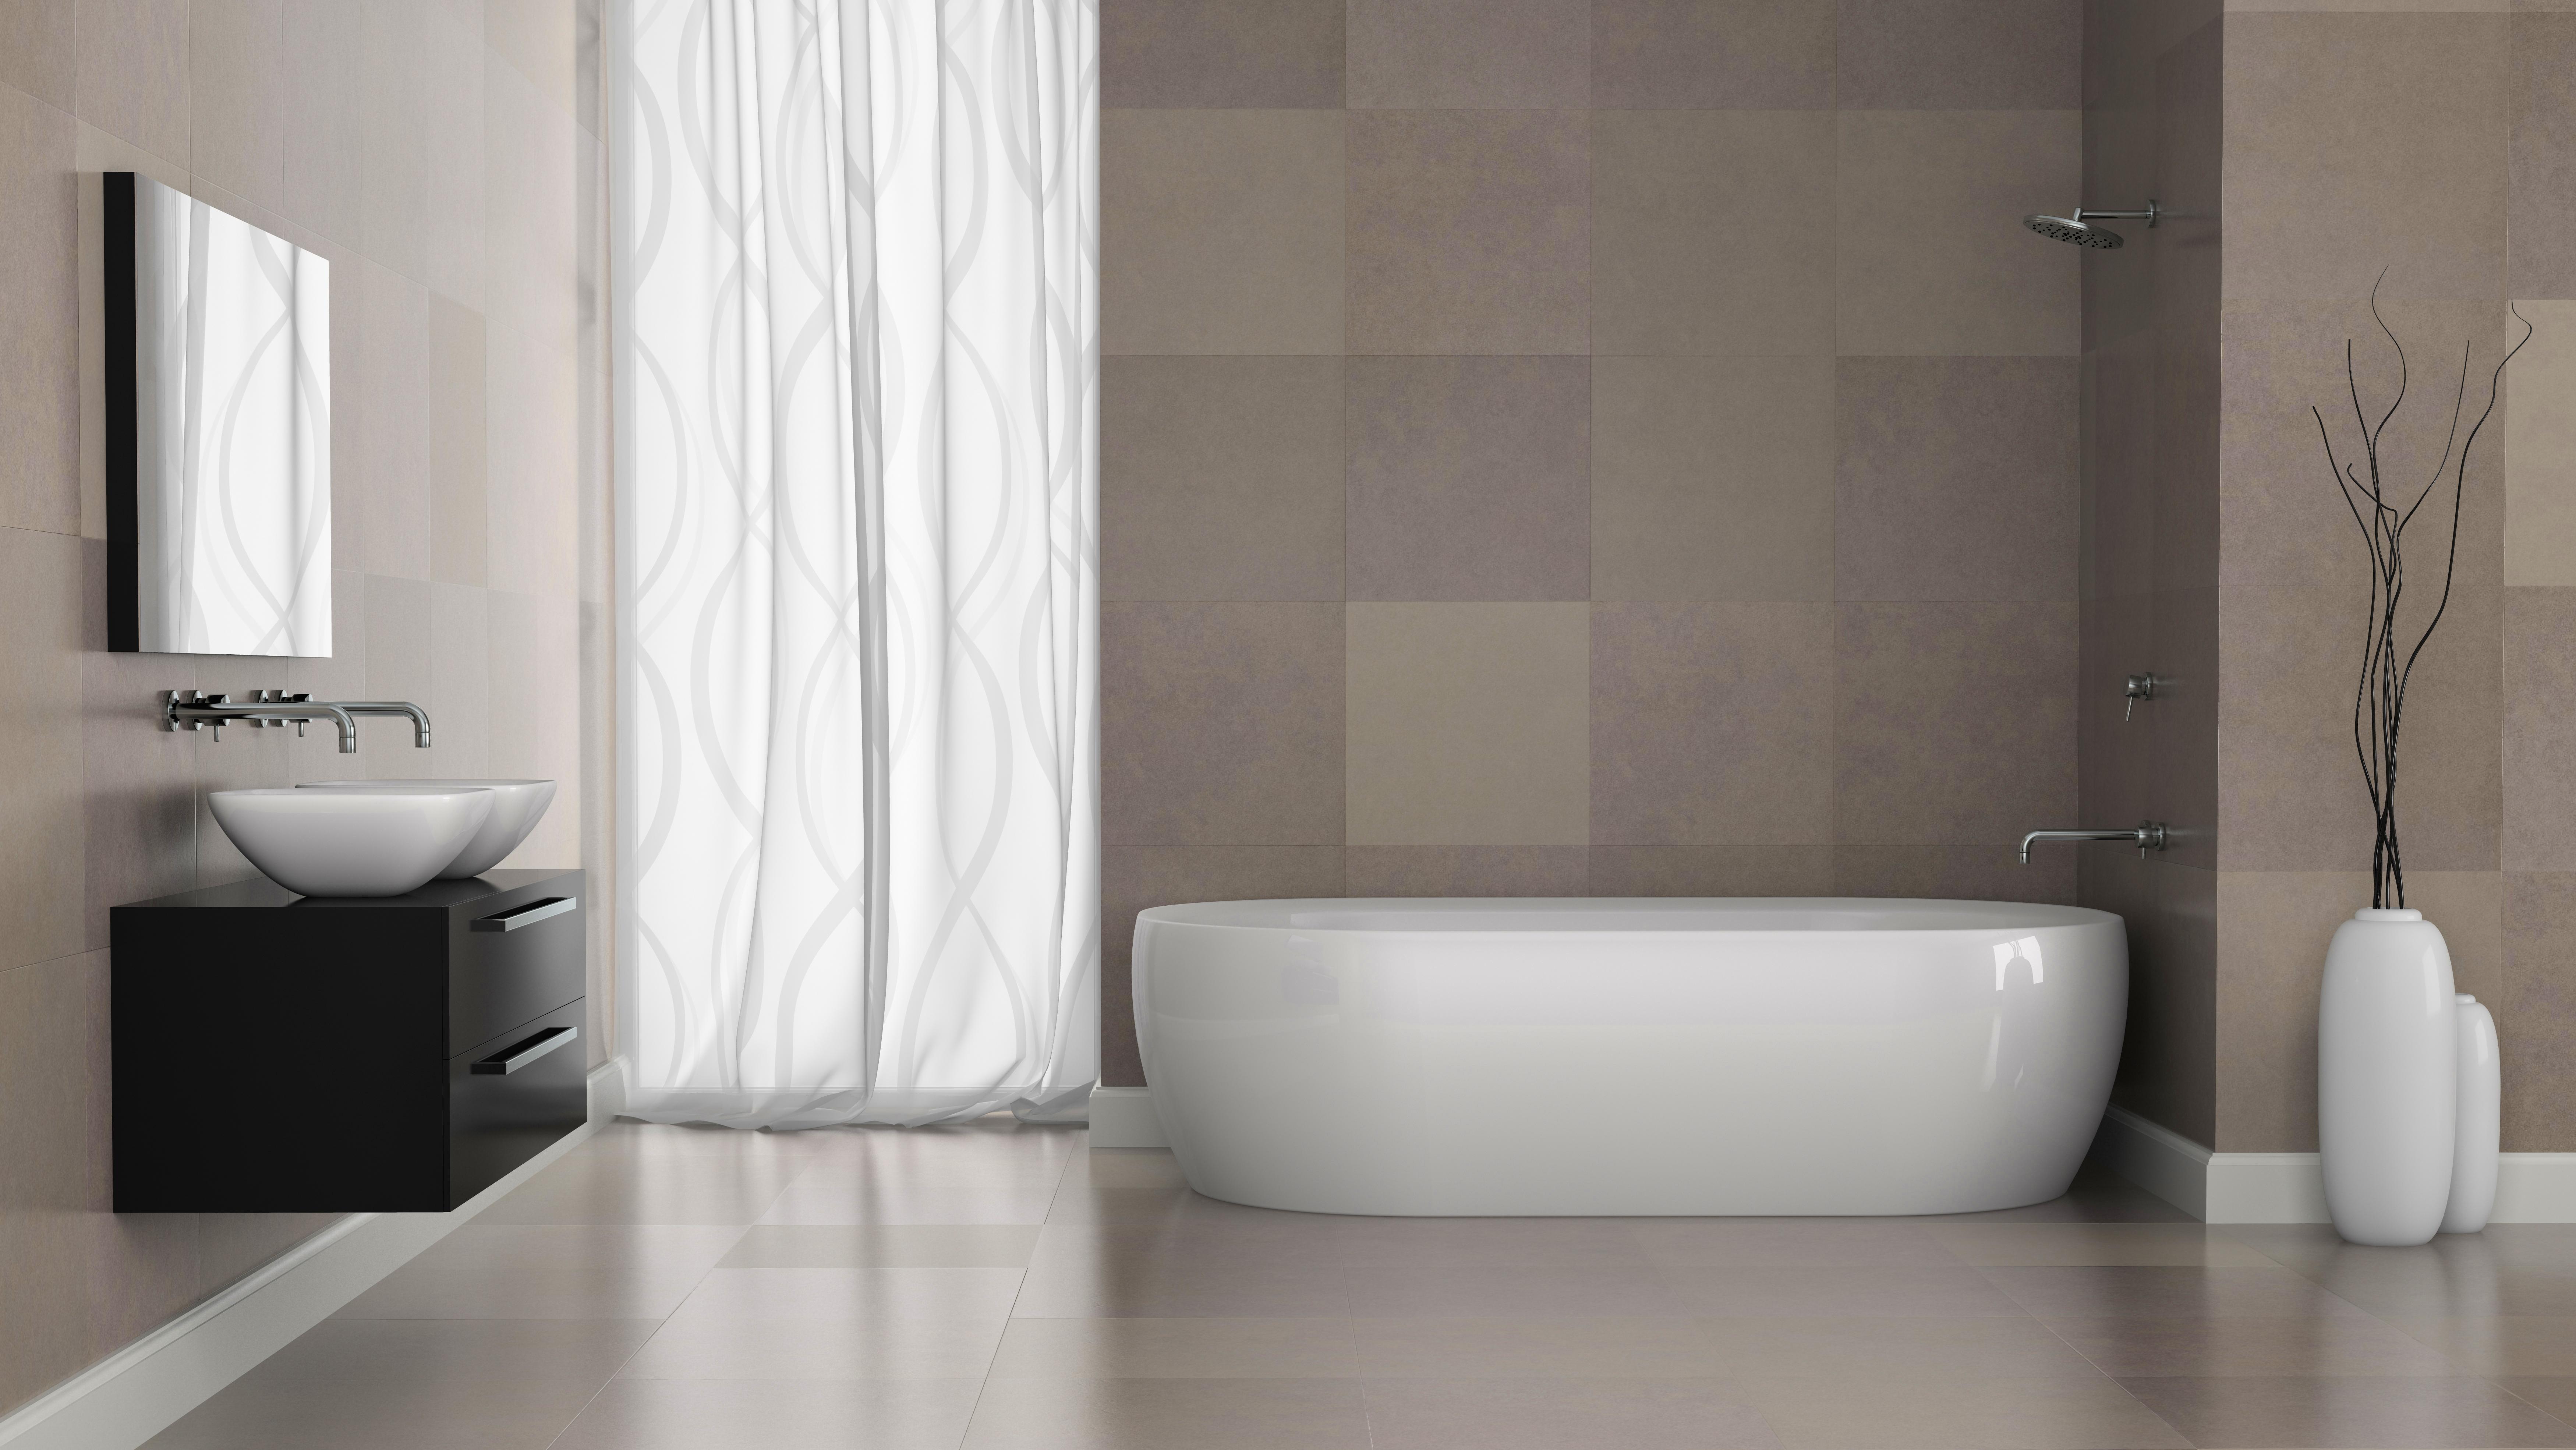 Les 5 tendances du carrelage mural et de la fa ence for Tendance salle de bain 2016